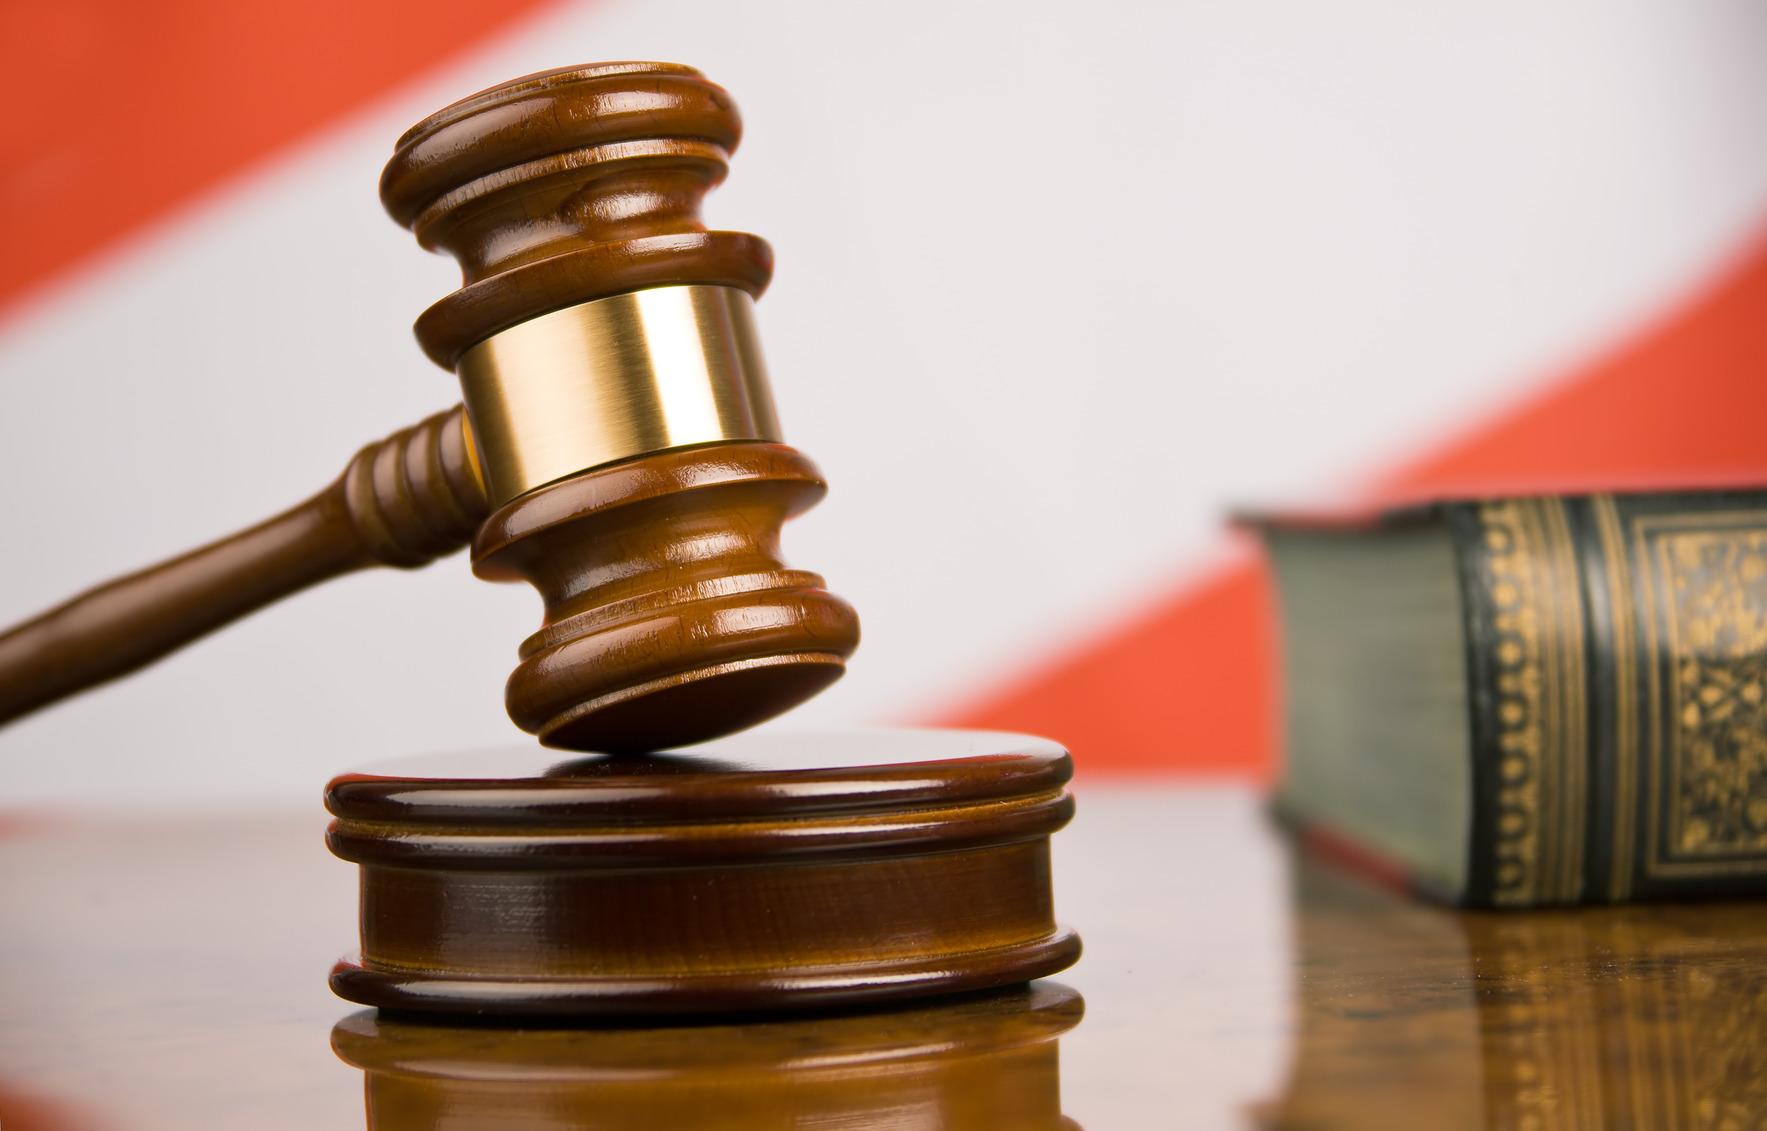 В Казахстане Аблязов приговорён к пожизненному сроку за организацию убийства